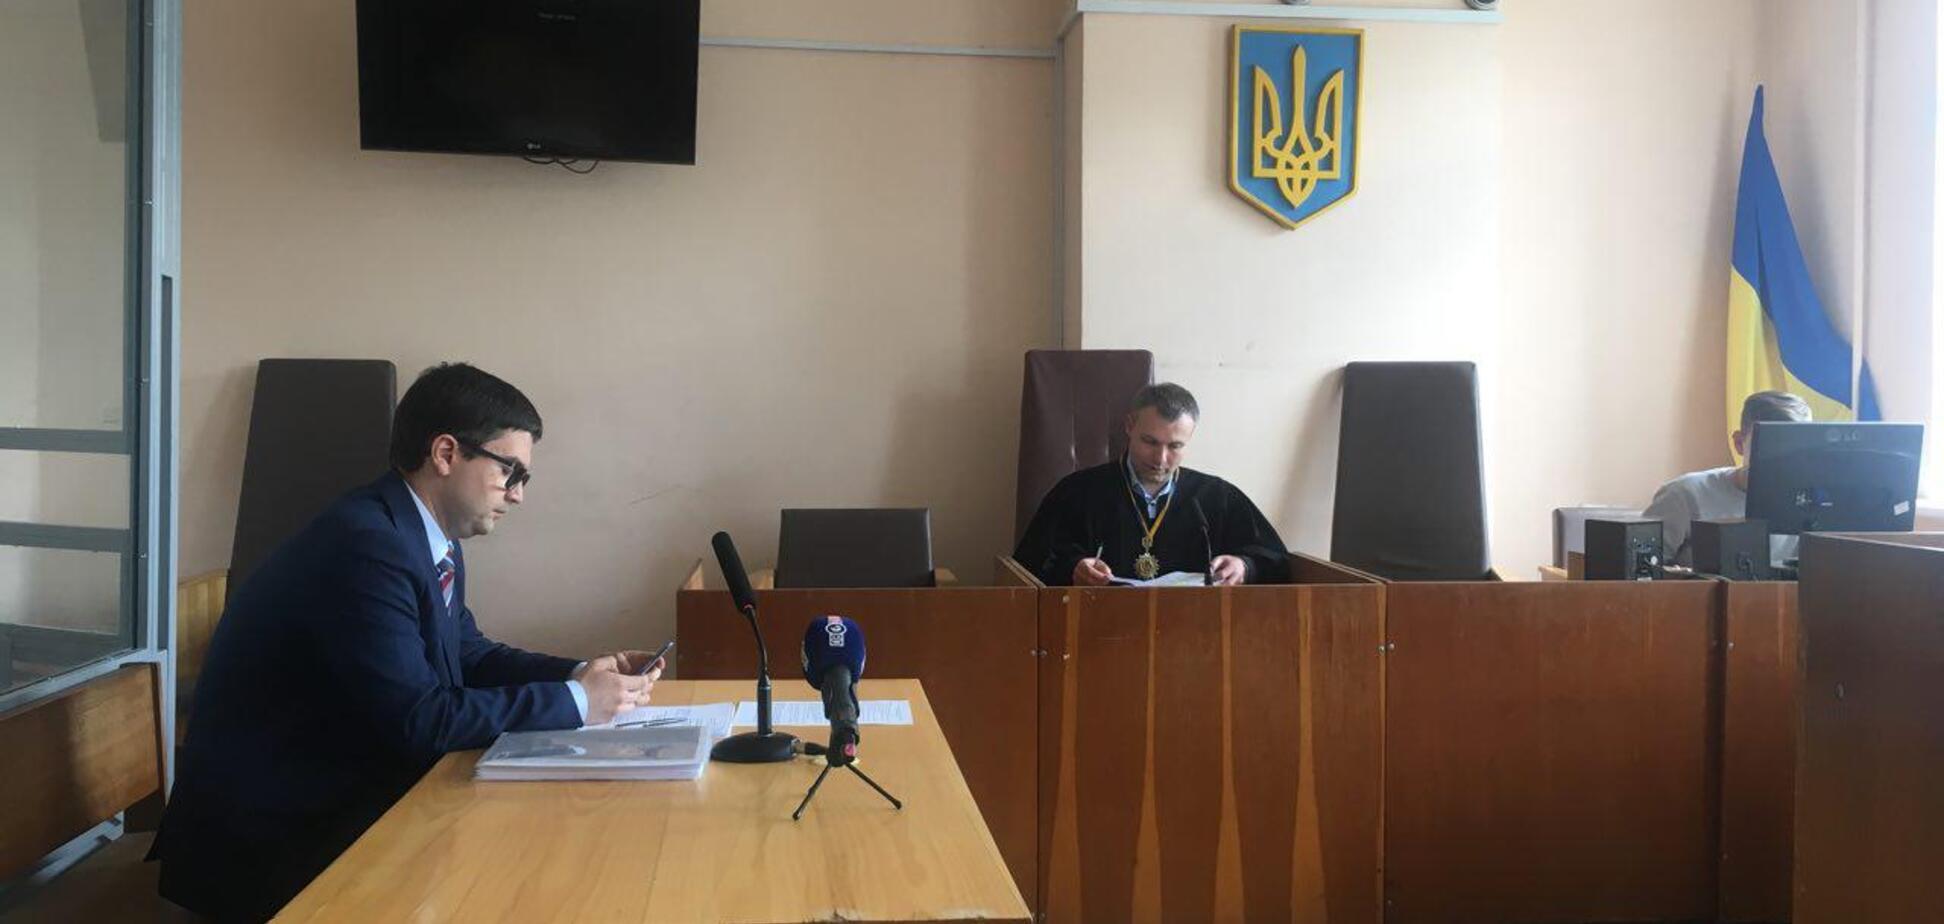 Прослушка адвокатов НАБУ: детективы не явились в суд